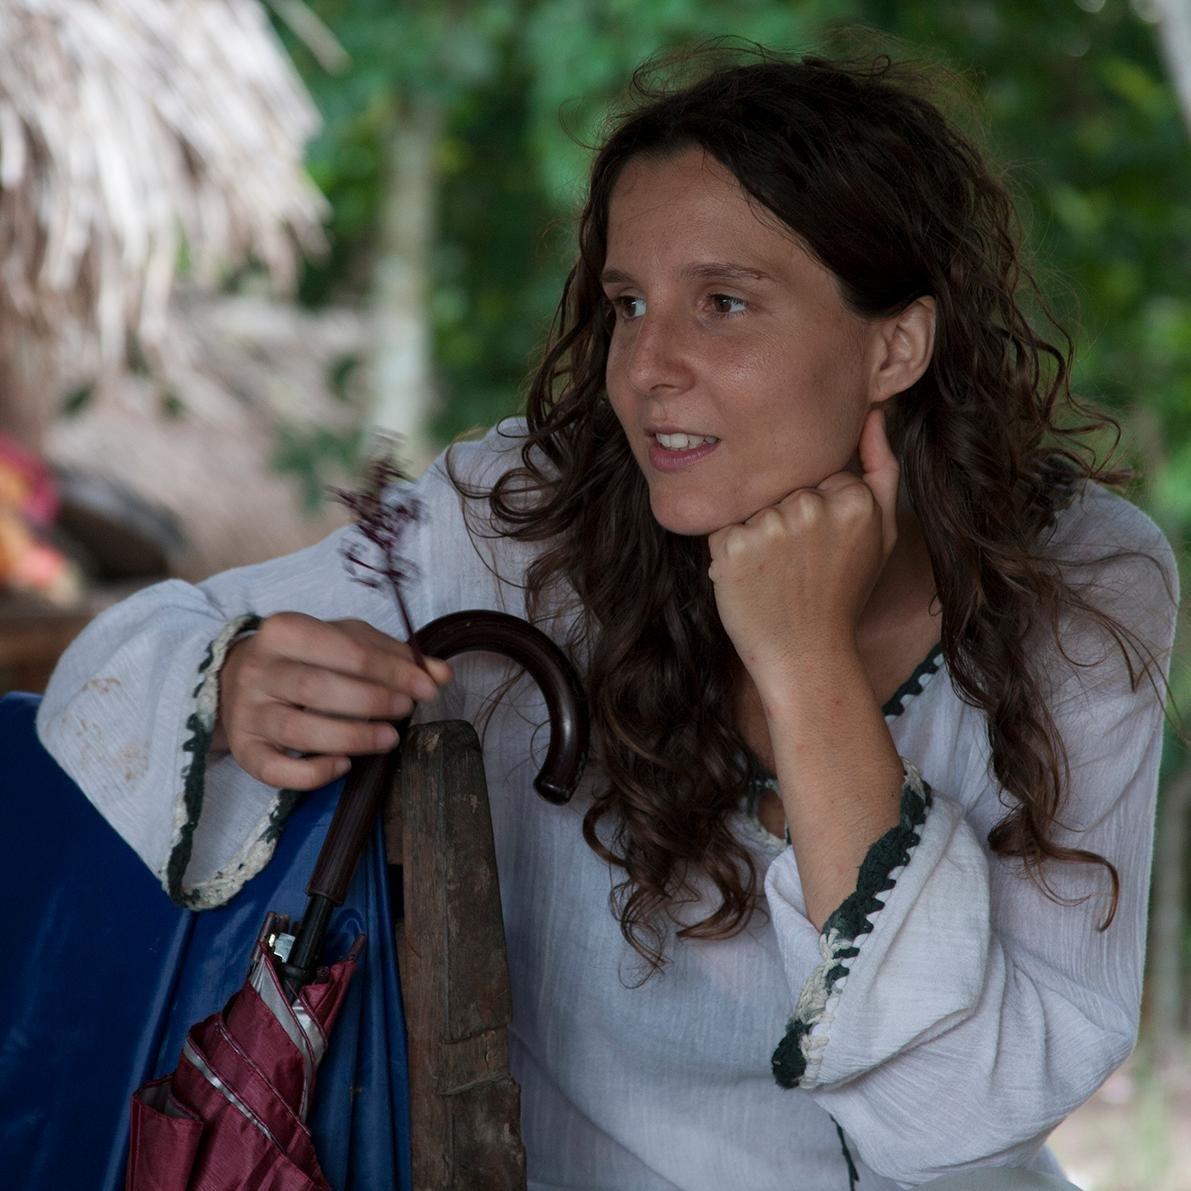 Georgina Barreiro